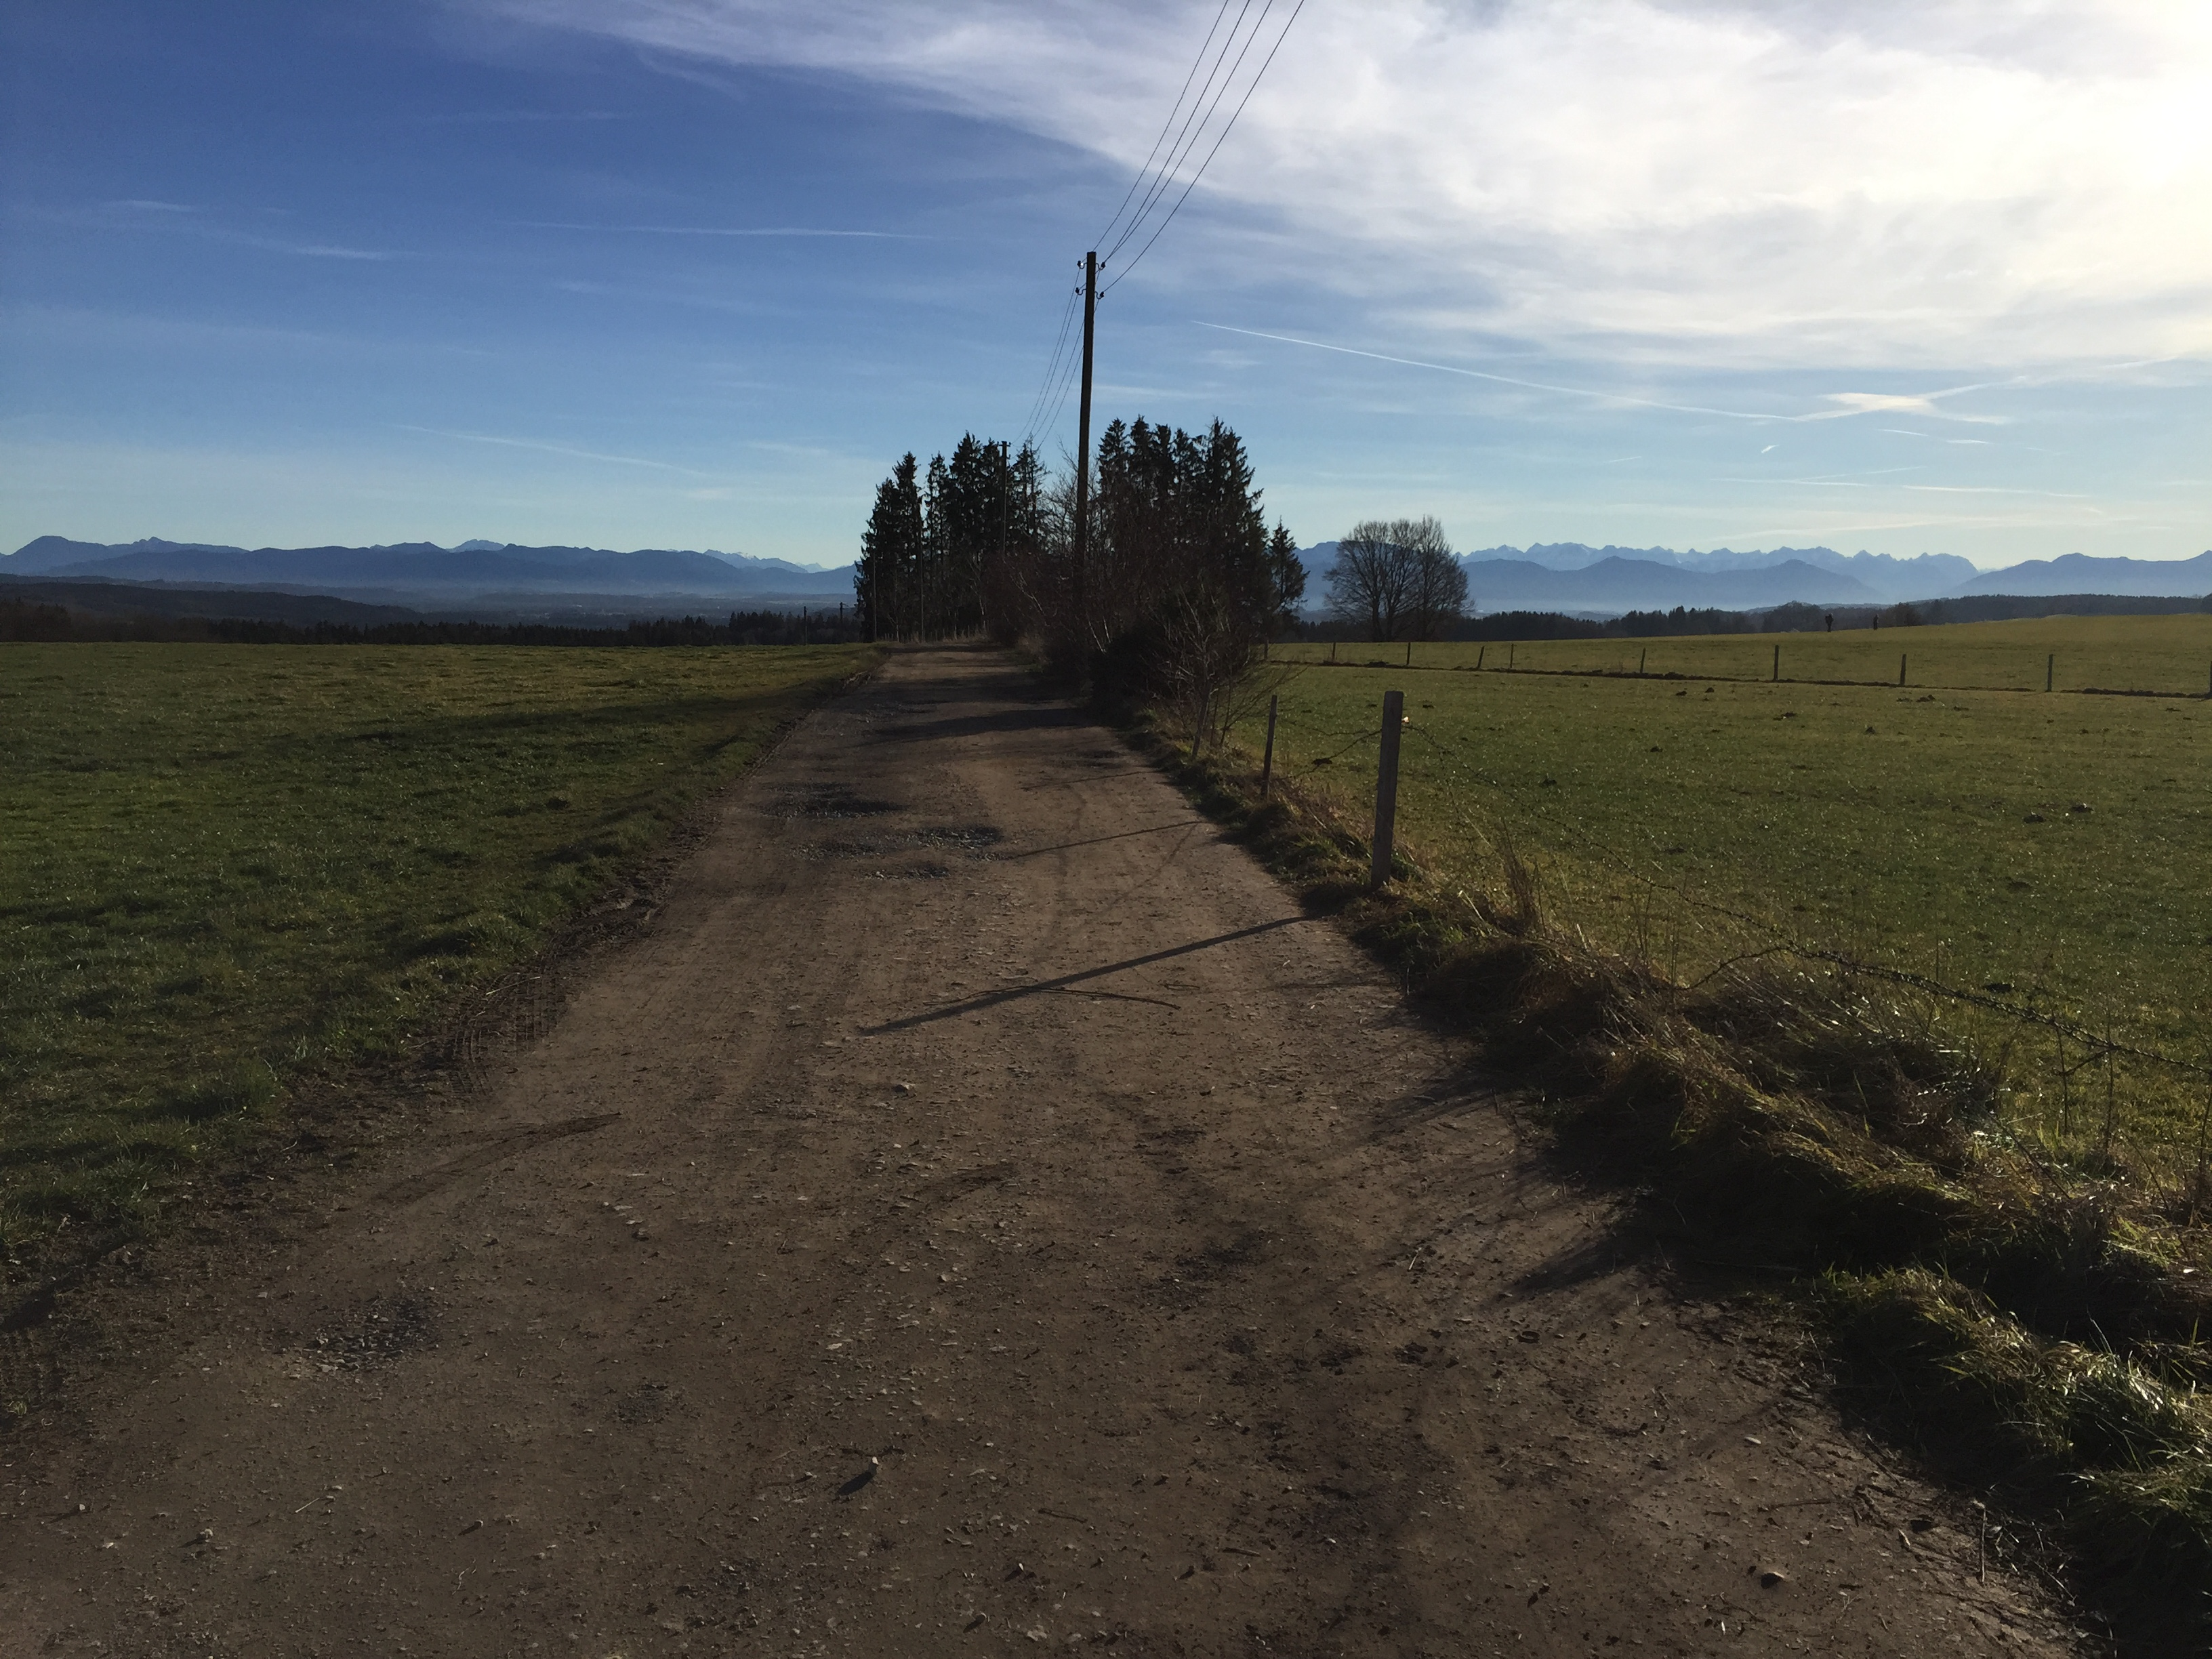 Bergab von Icking nach Dorfen über den Feldweg.